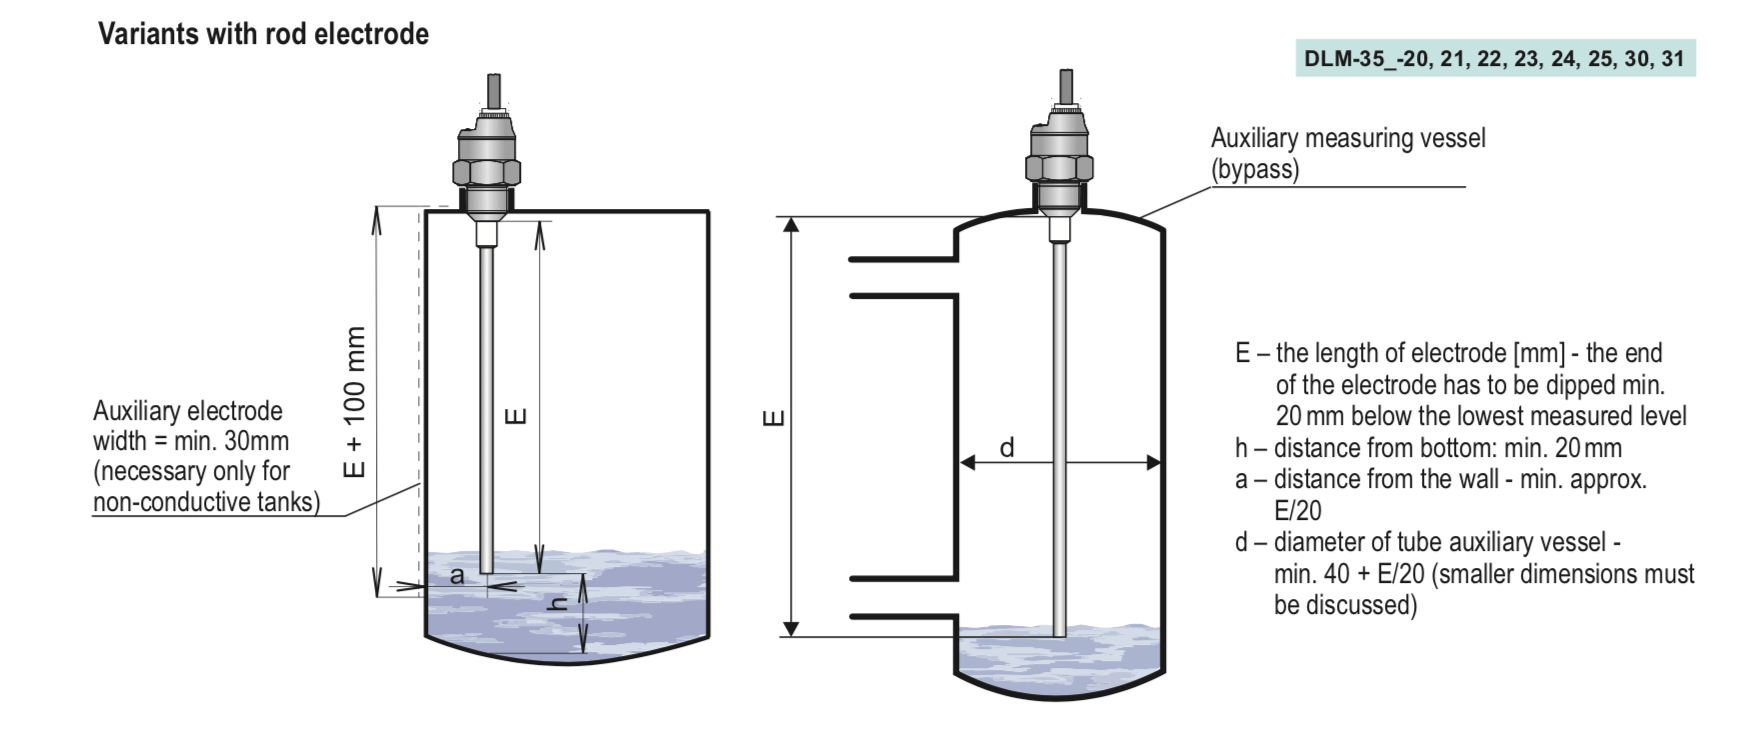 Cảm Biến Đo Mức Nước Nóng - DLM 35N - Cách lắp đặt